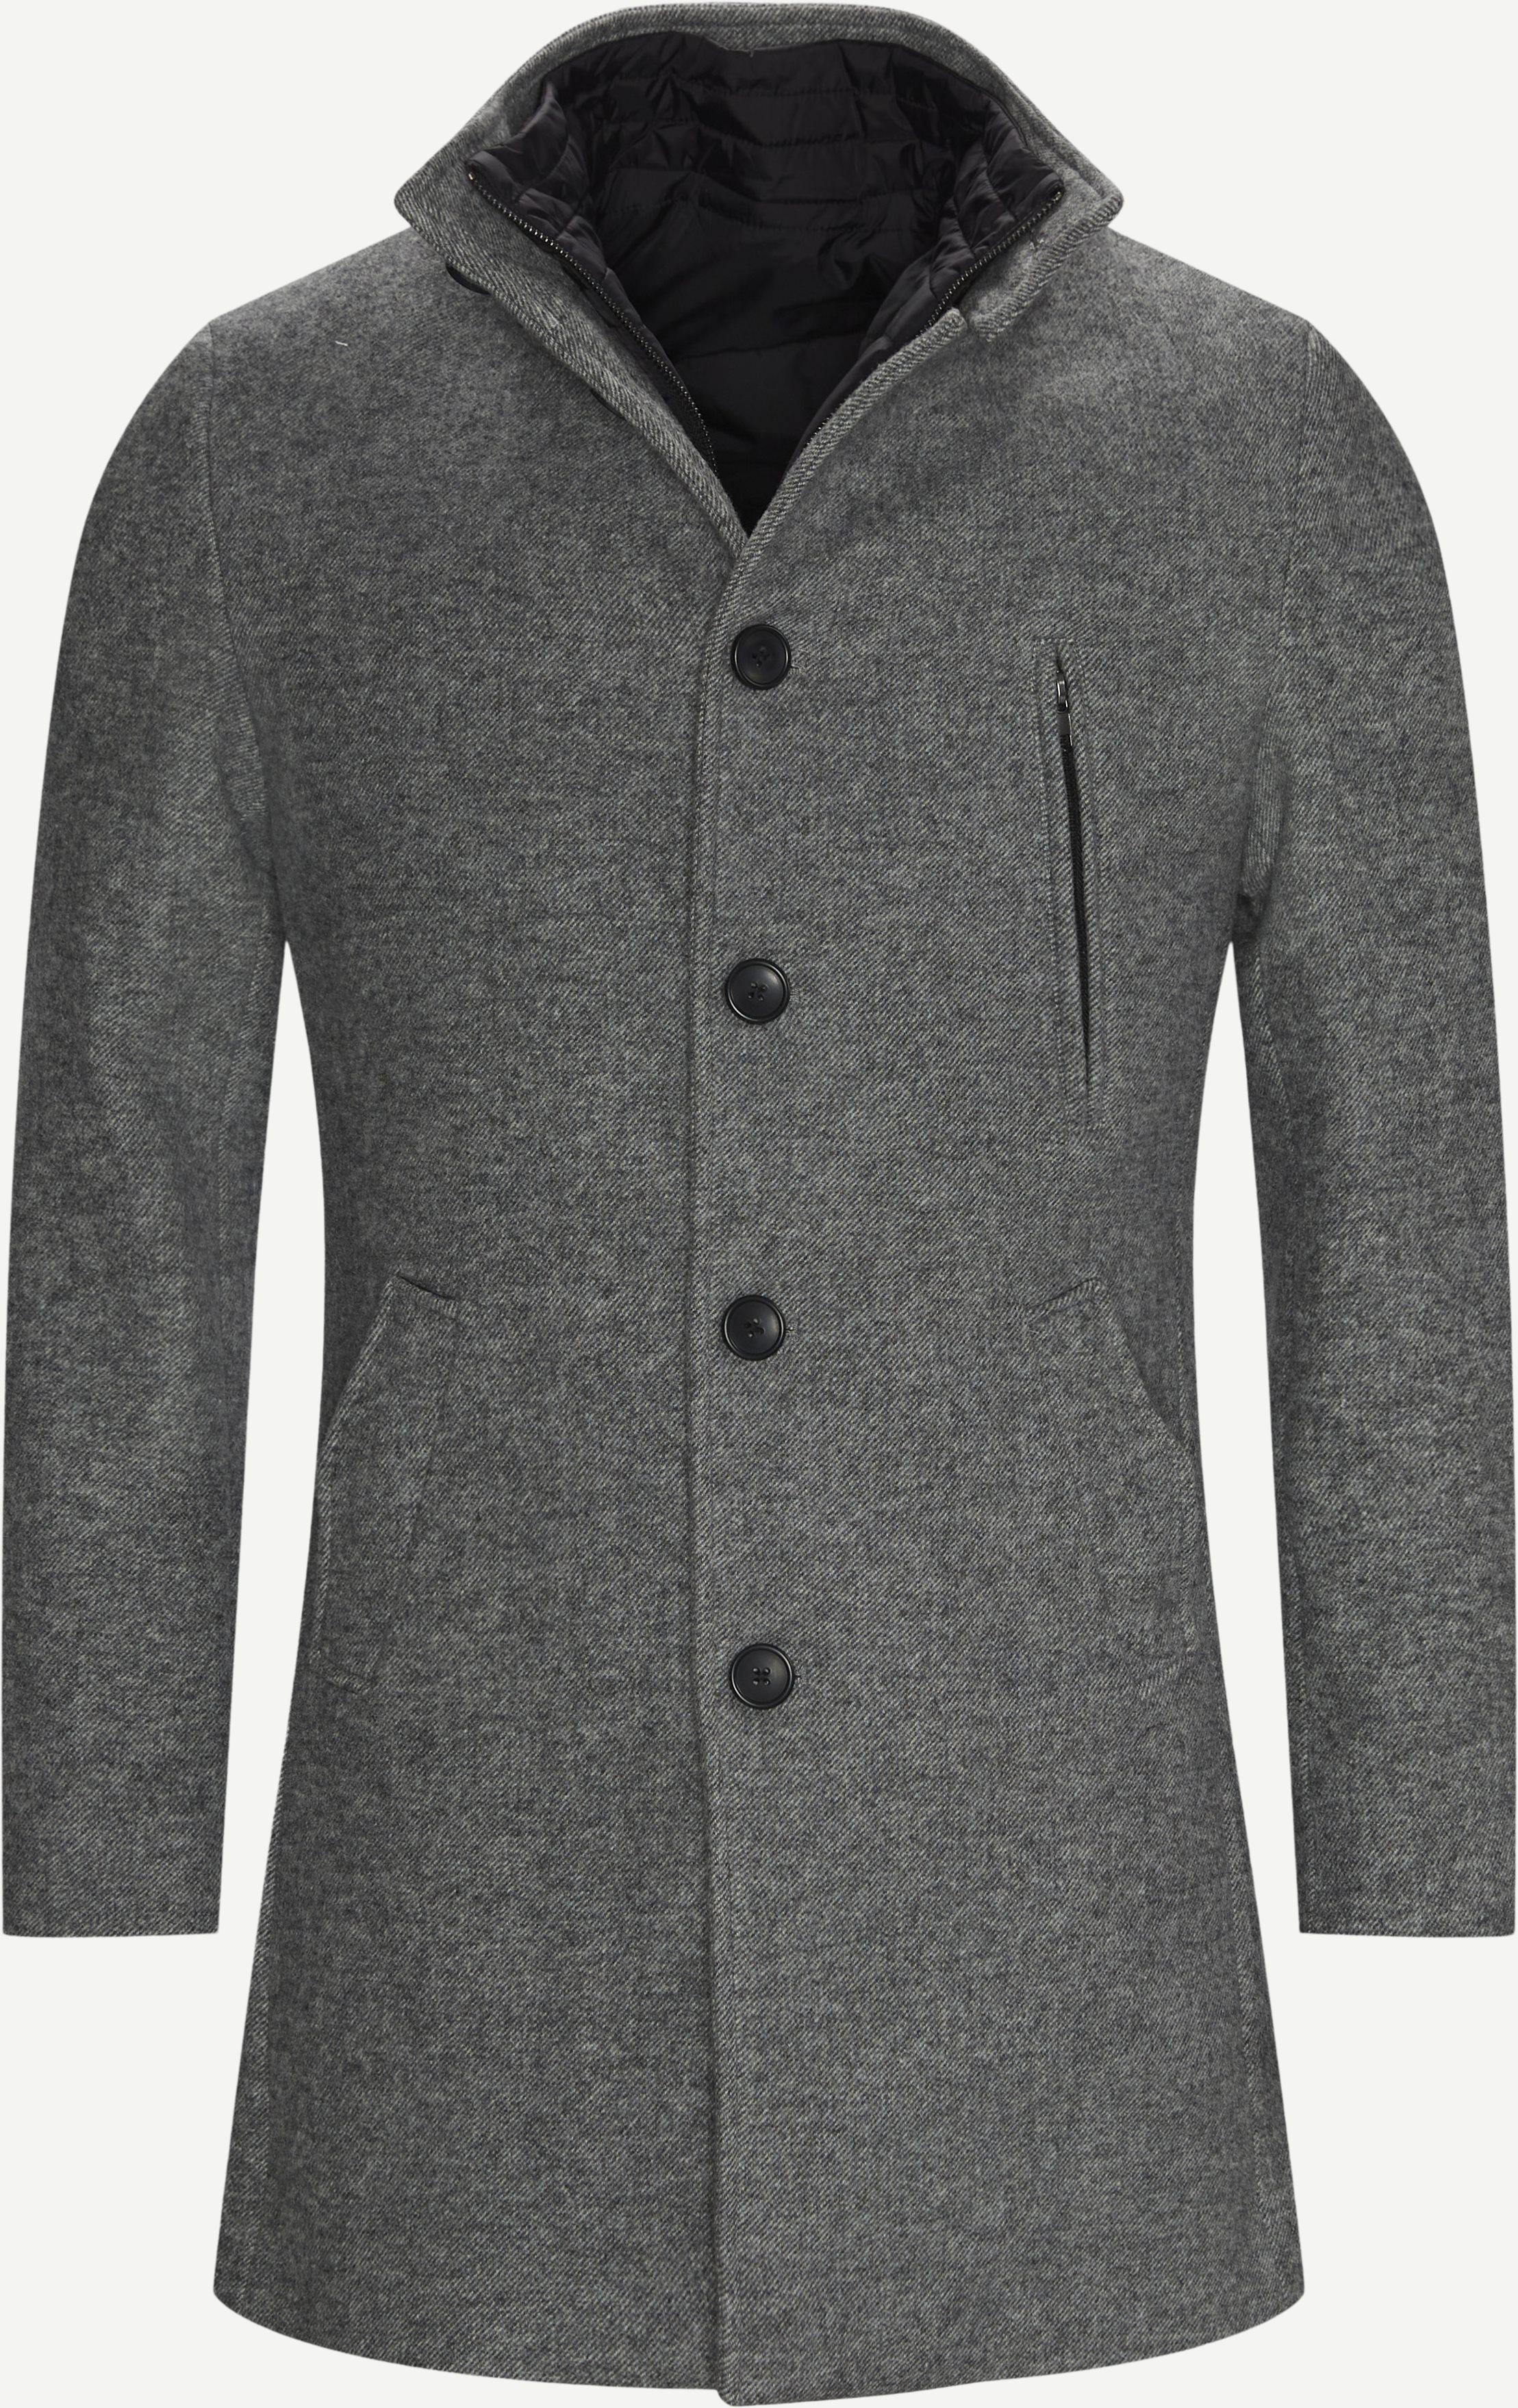 Ontario Jacket - Jakker - Regular fit - Grå